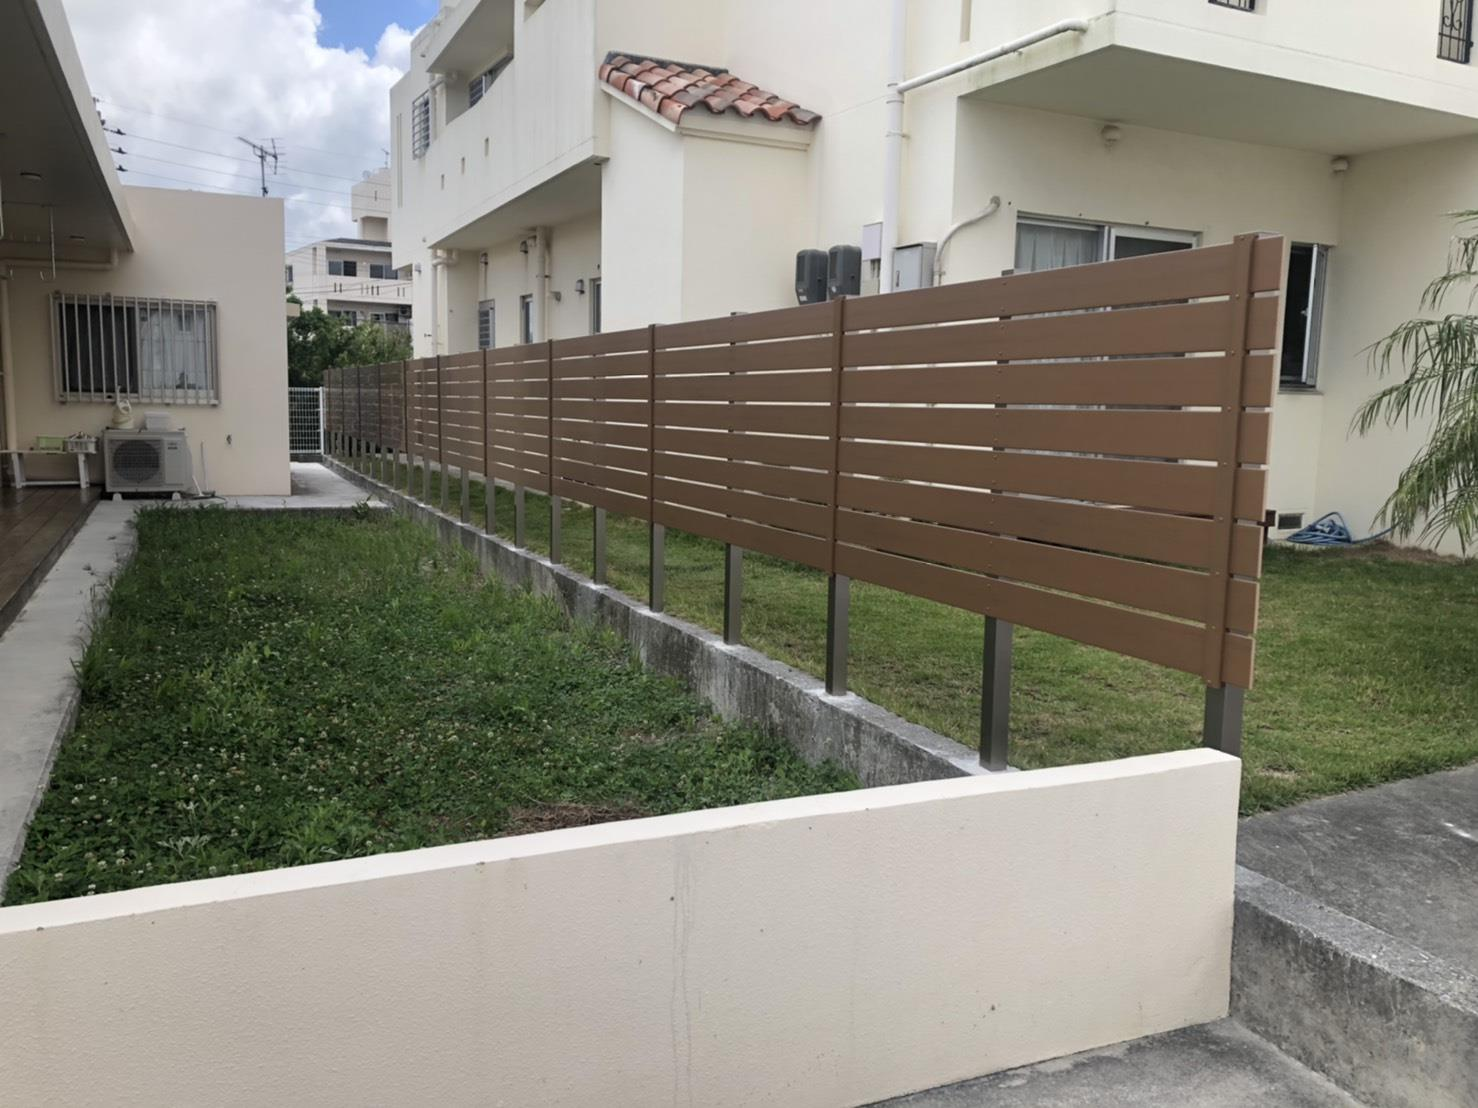 目隠しフェンス設置工事(リフォーム施工事例)を公開しました。 | 沖縄や那覇でリフォームするなら【株式会社 あうん工房】